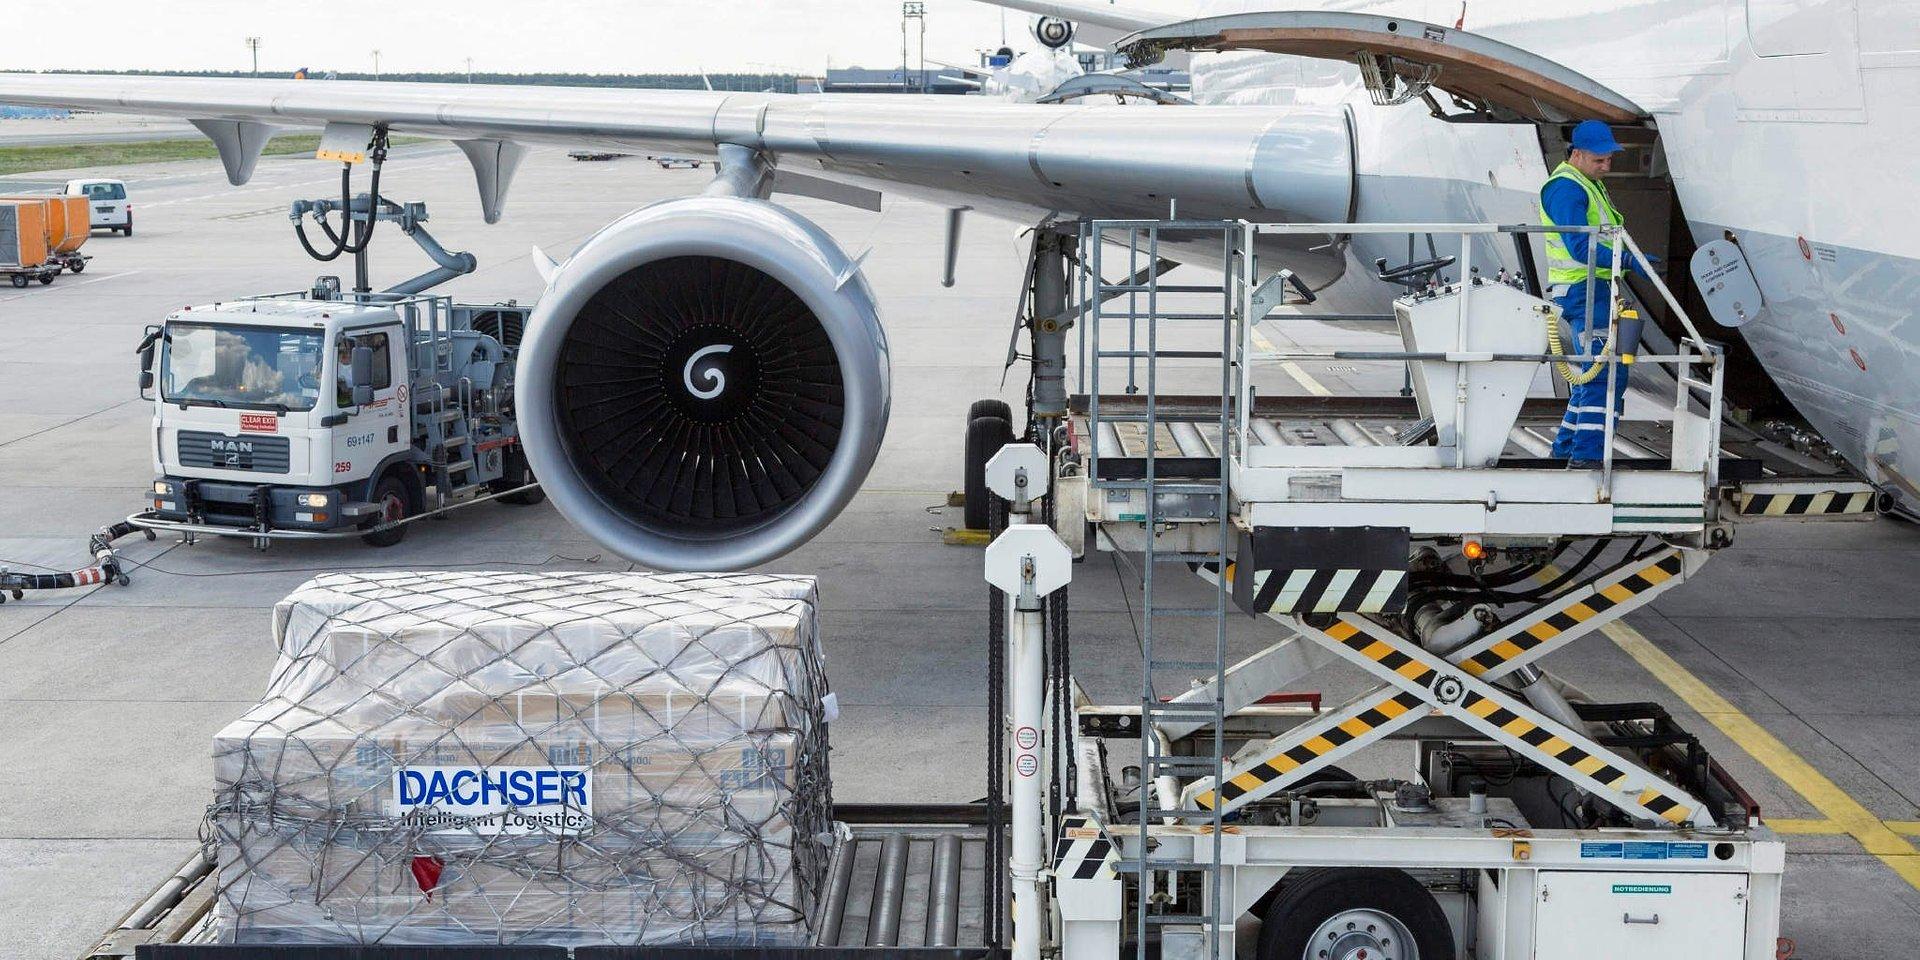 Global Air Freight Security Network na straży bezpieczeństwa transportu lotniczego w DACHSER